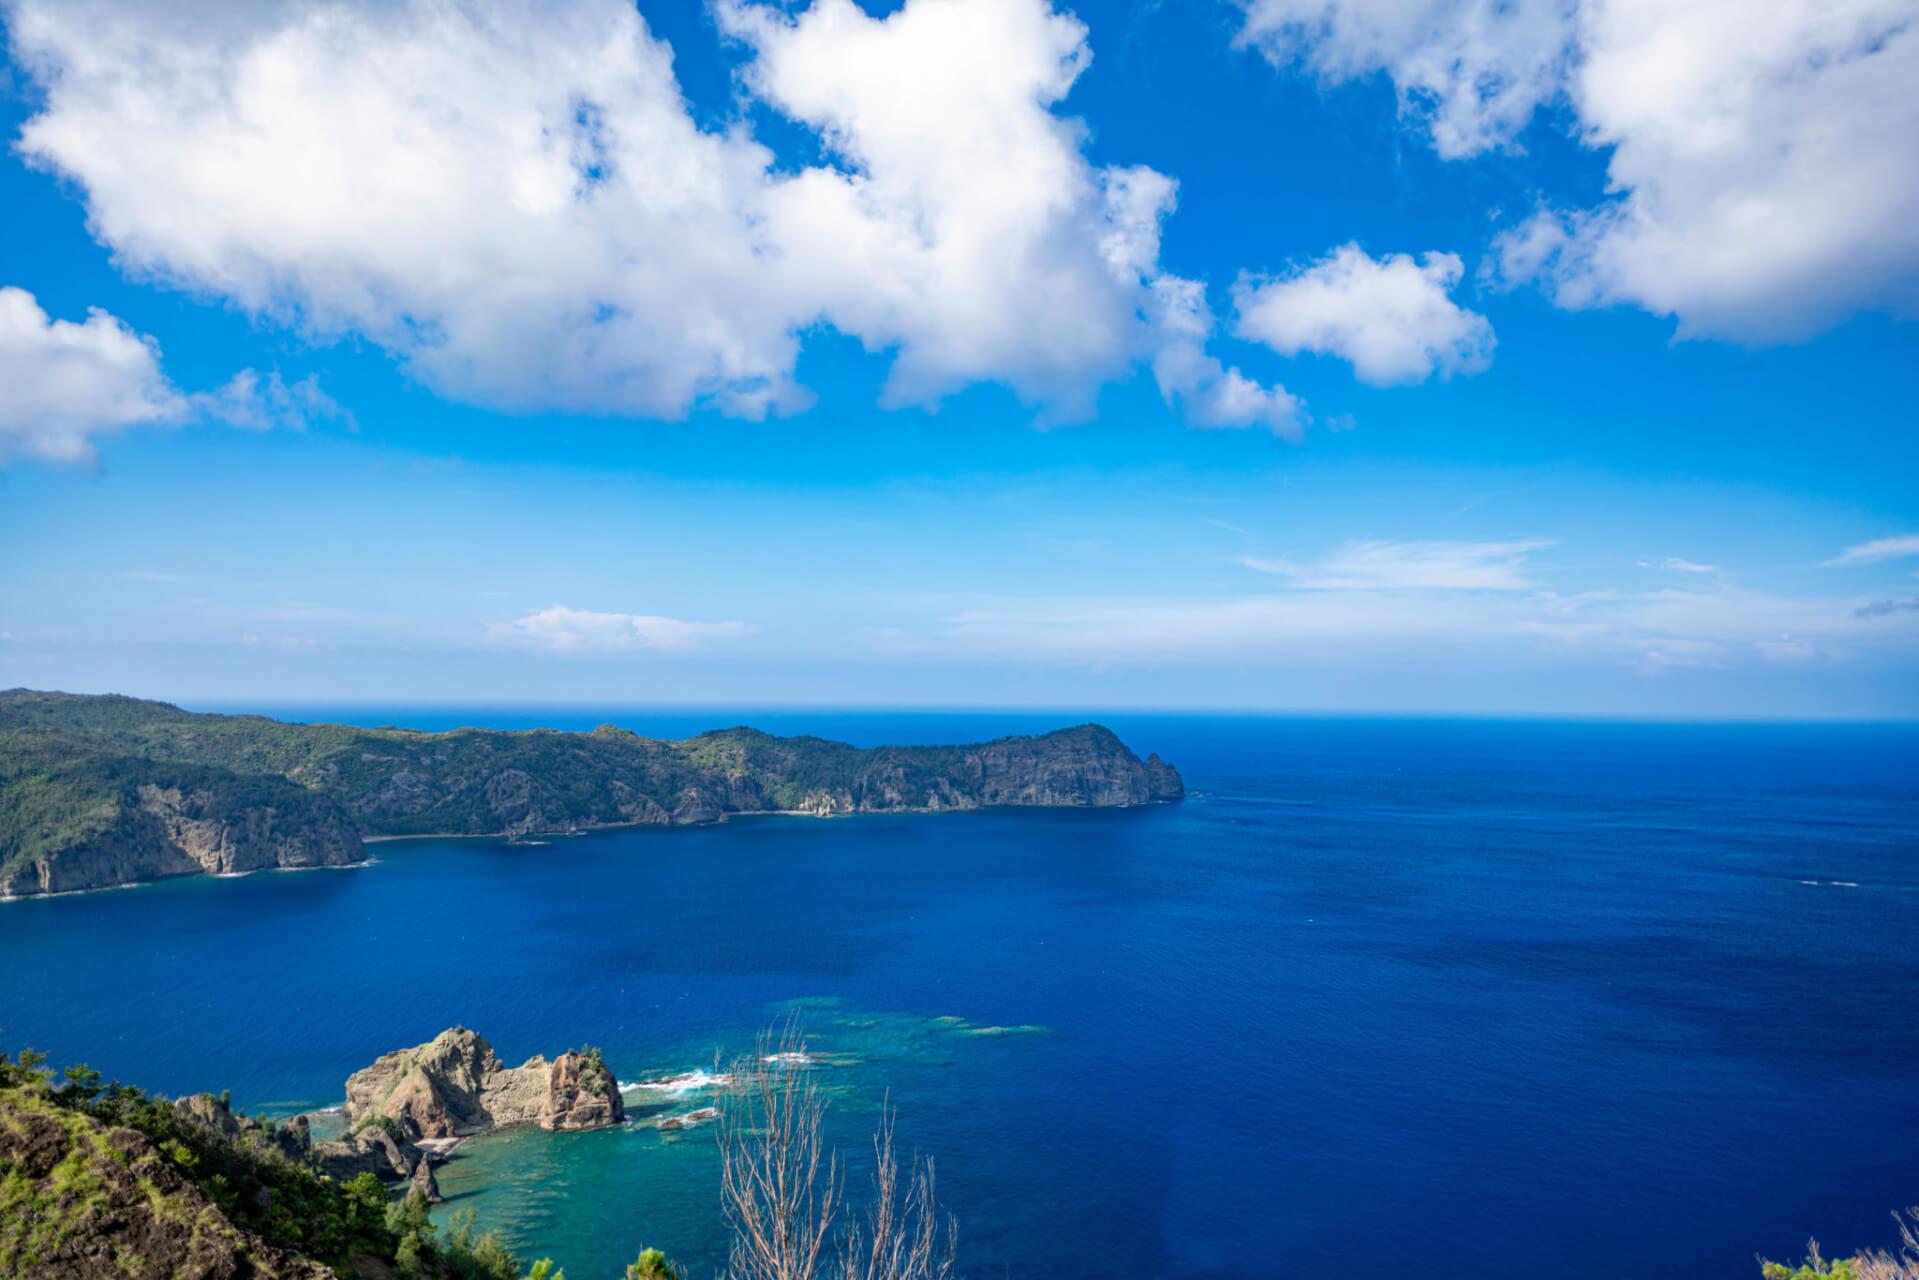 【国内・離島旅行】世界自然遺産 母島にも泊まる ザトウクジラウォッチングと小笠原諸島大自然満喫の旅